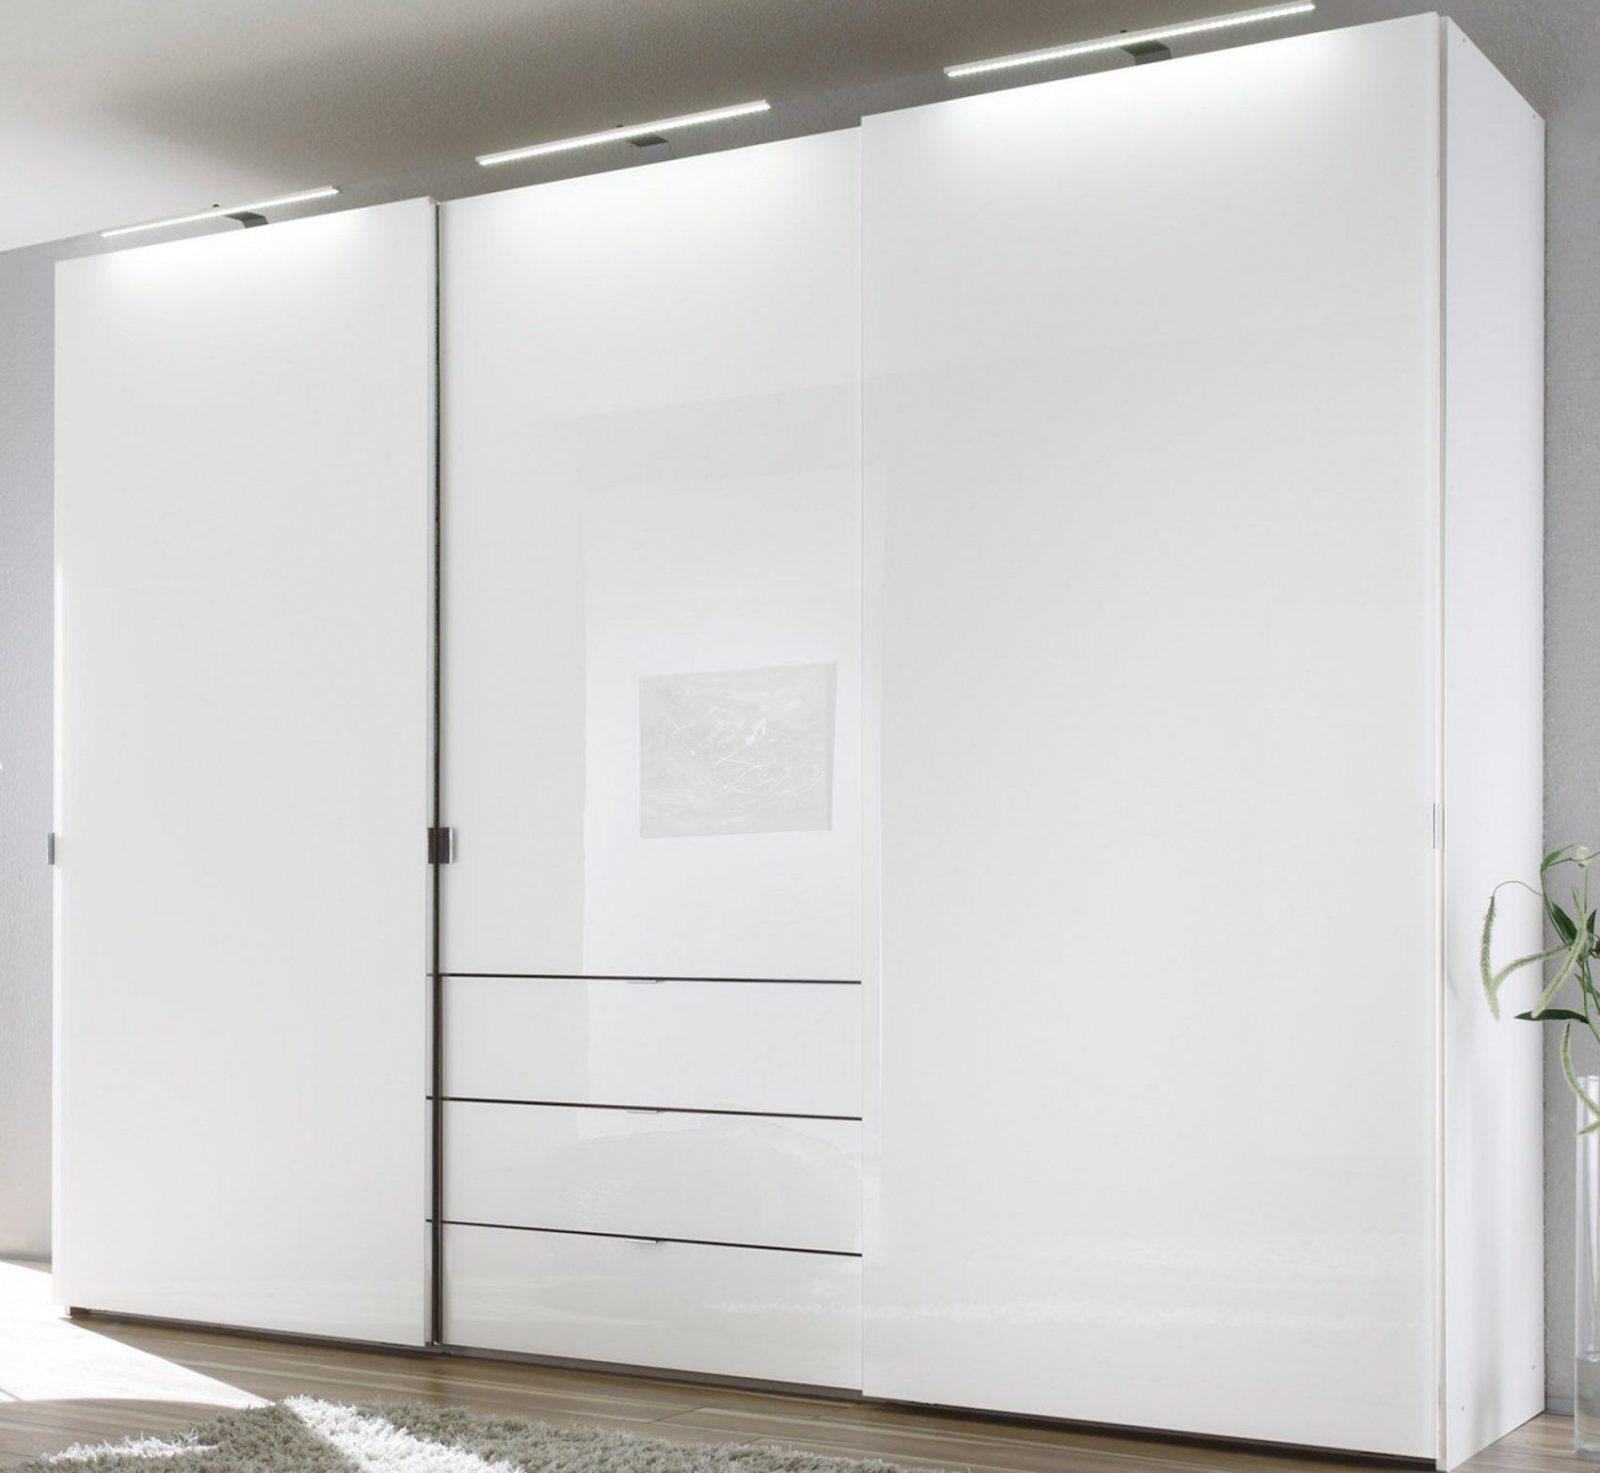 Architektur 250 Breit Kleiderschrank Schonheit Weis Cm 47091 von Kleiderschrank 2 50 M Breit Photo